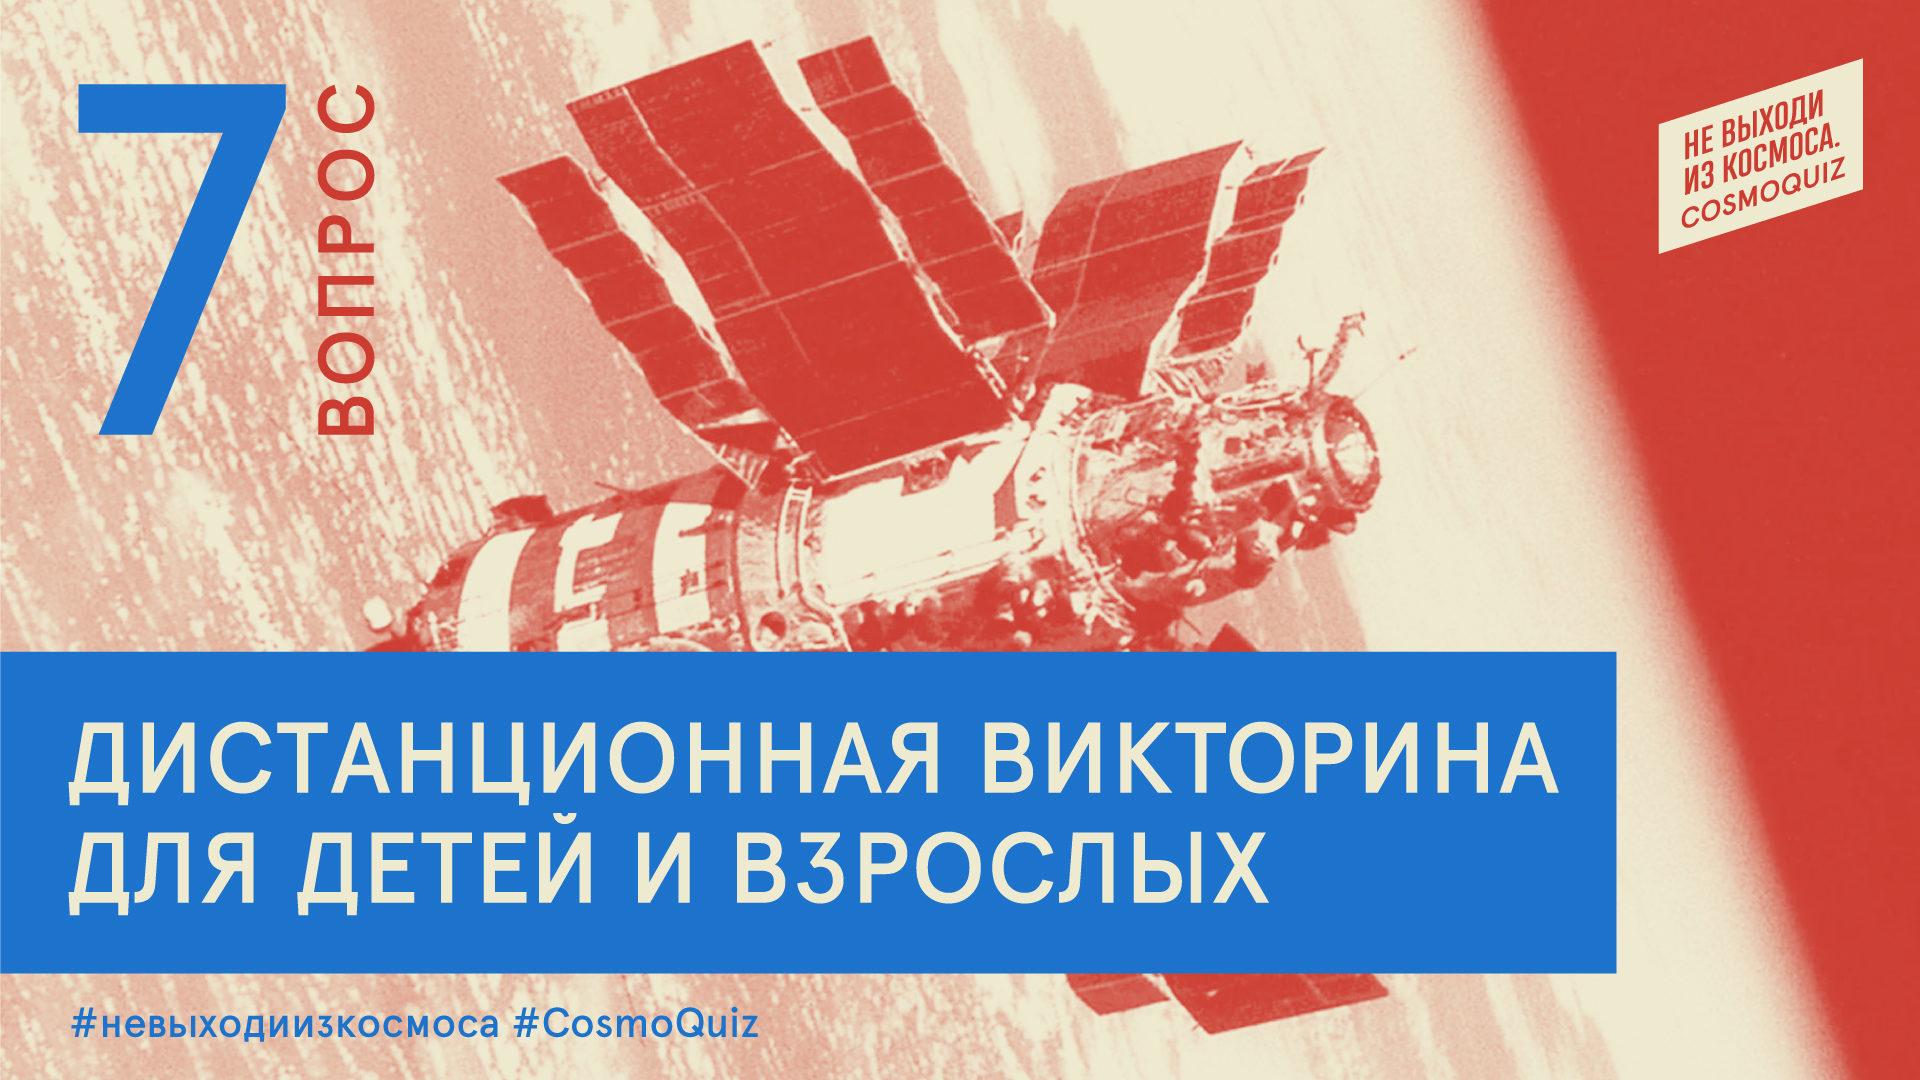 Онлайн-викторина CosmoQuiz на сайте московского Музея космонавтики – события на сайте «Московские Сезоны»